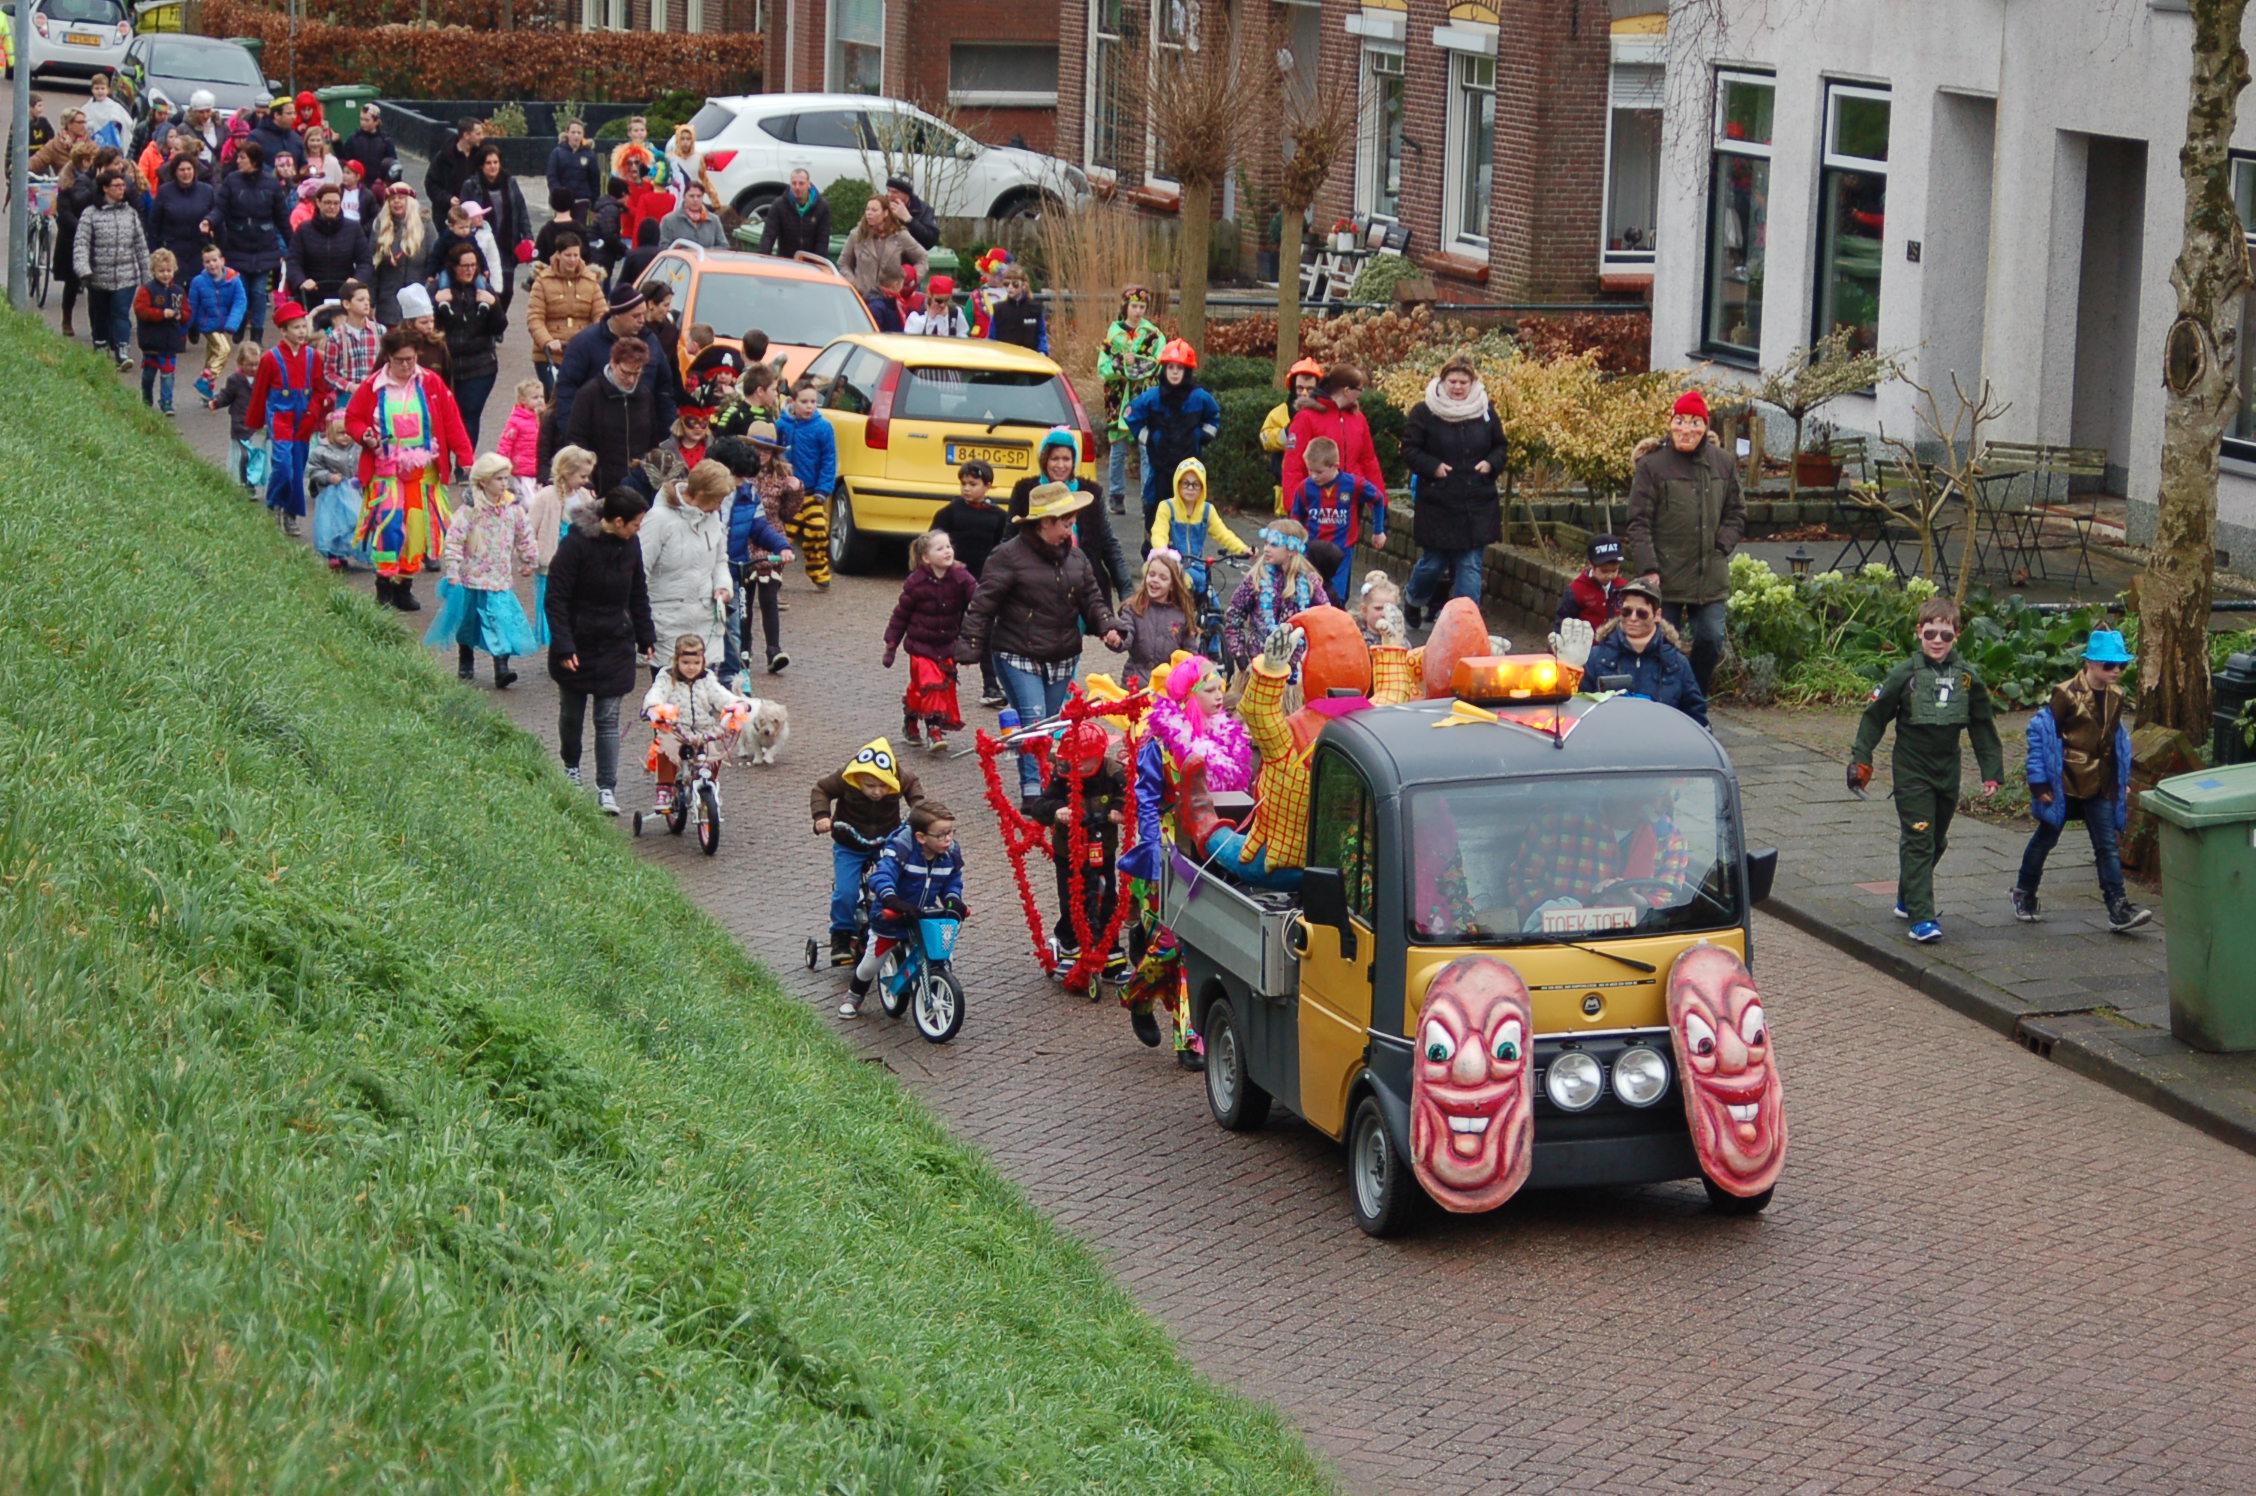 Carnaval ollie b bommel